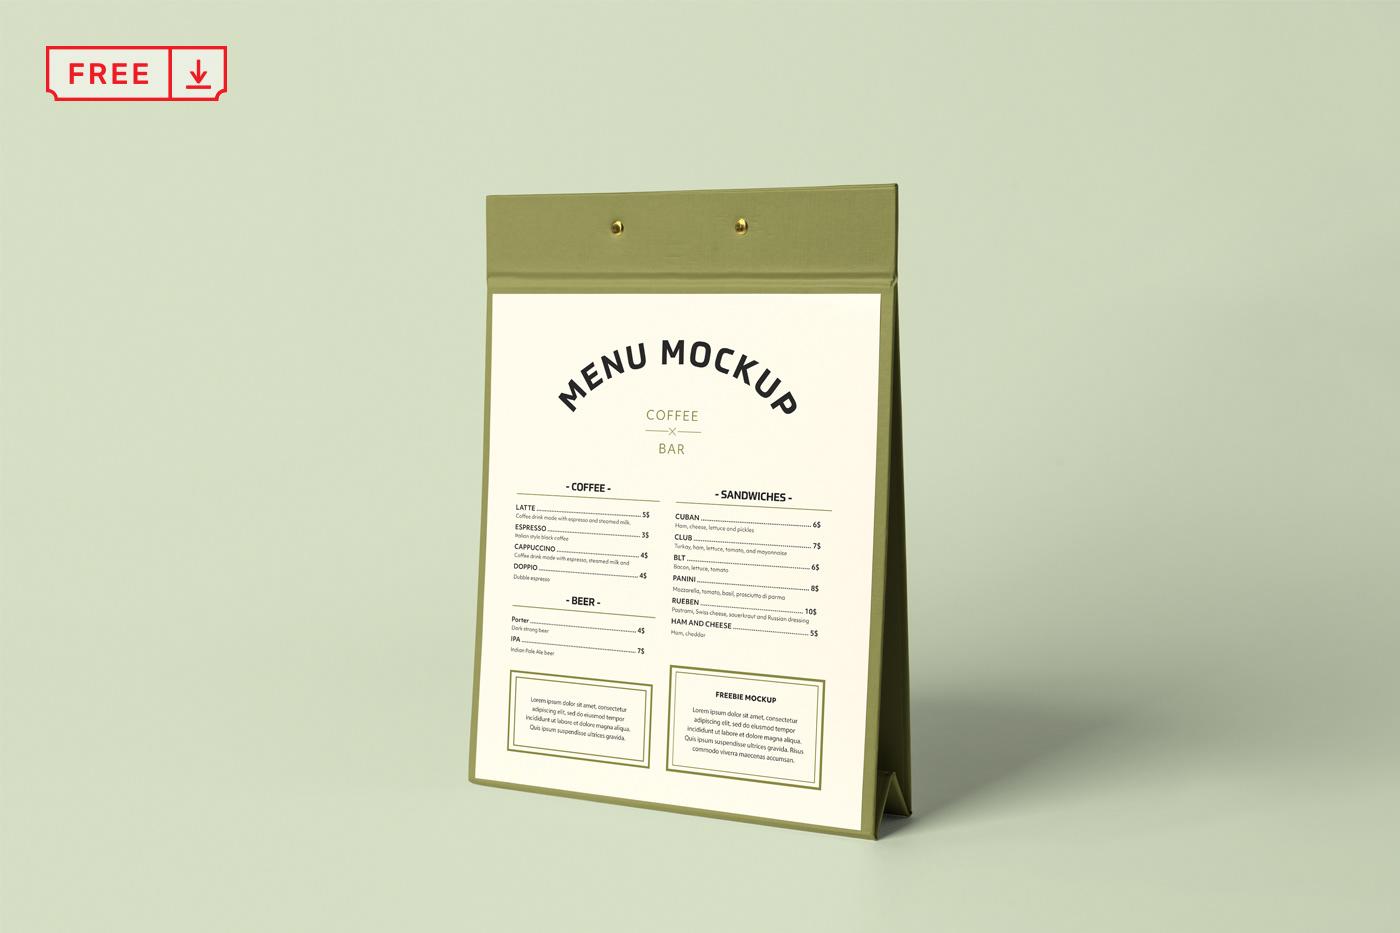 design downland free freebies menu Mockup Project psd realistic Stand